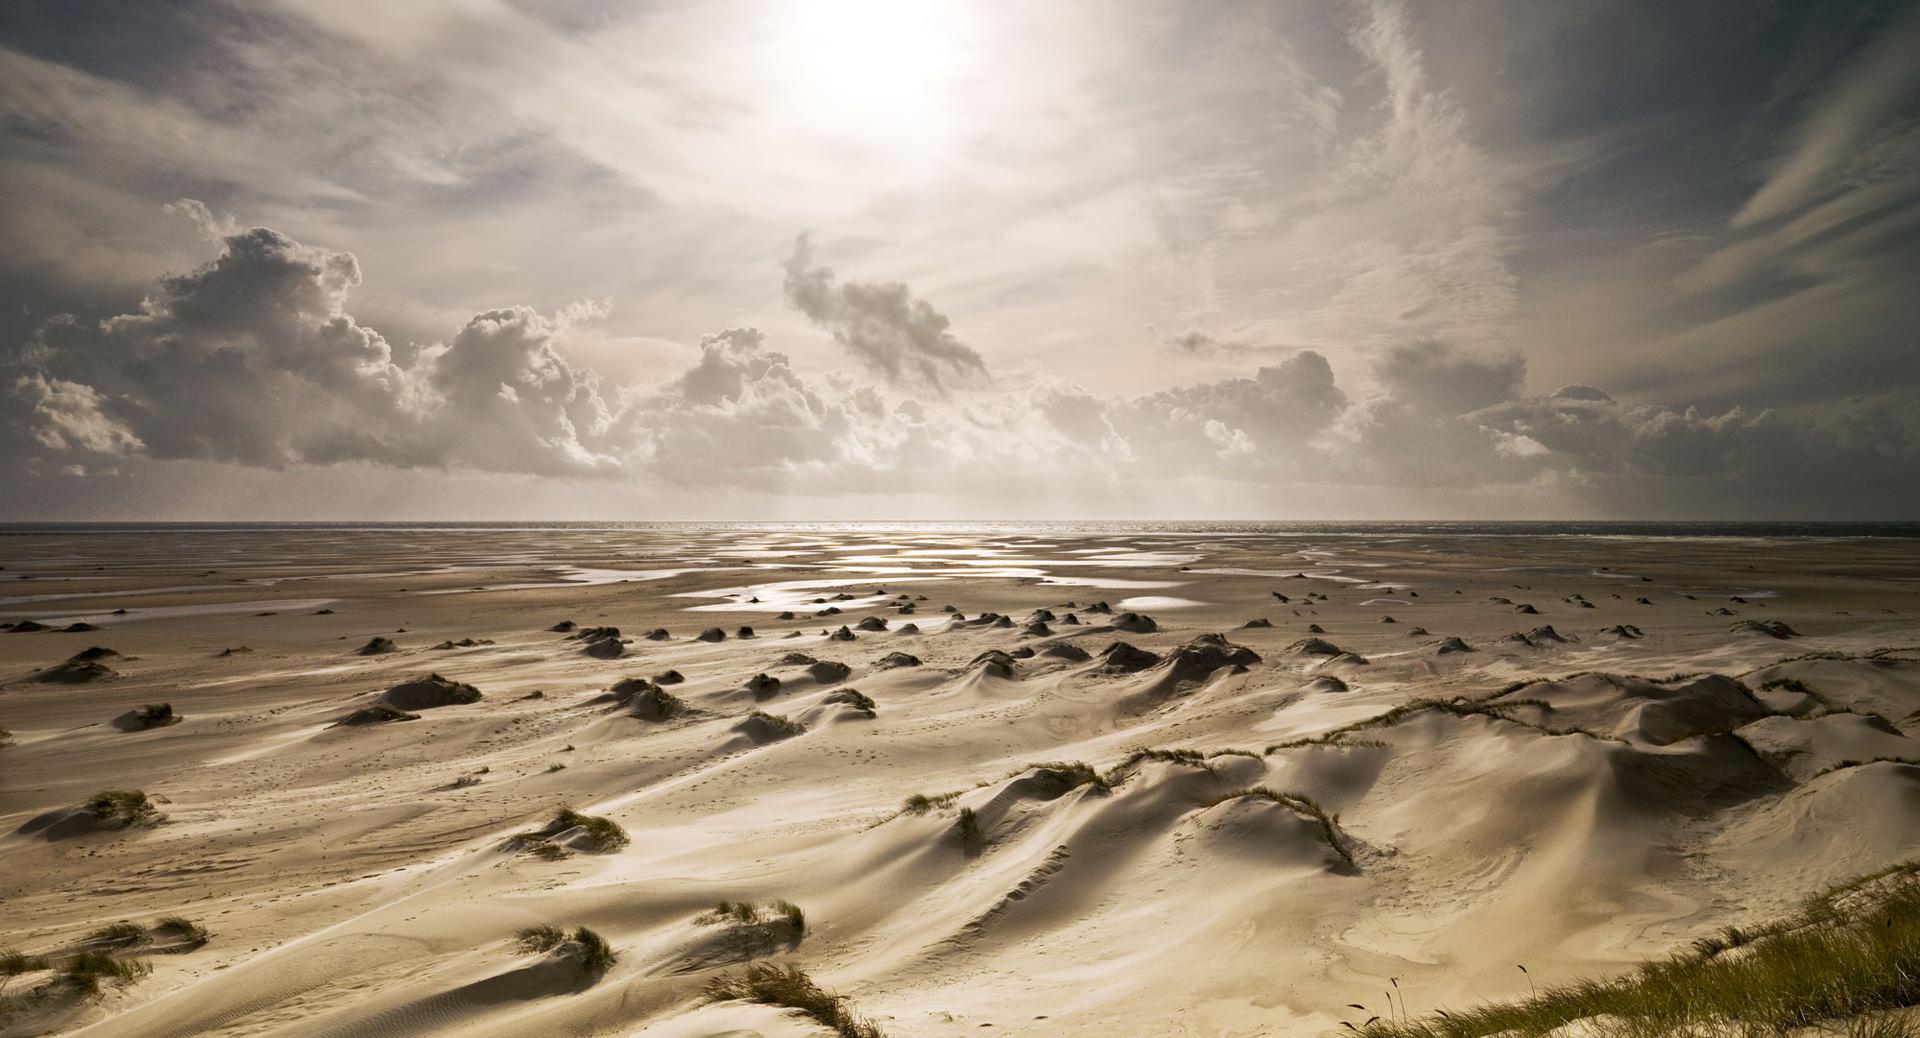 2008 10 amrum 0202a,sand, beach, desert, landscape, personal work, www.ankeluckmann.com, anke luckmann,